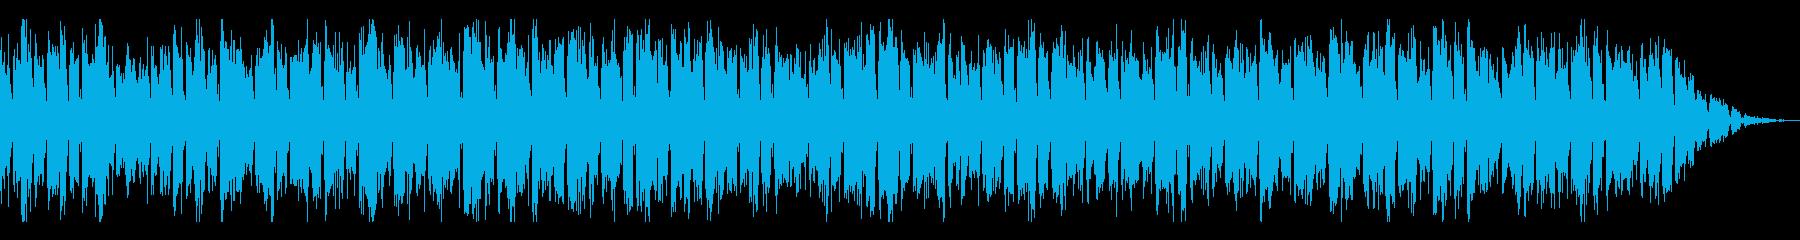 自機(キャラ選択)BGMの再生済みの波形